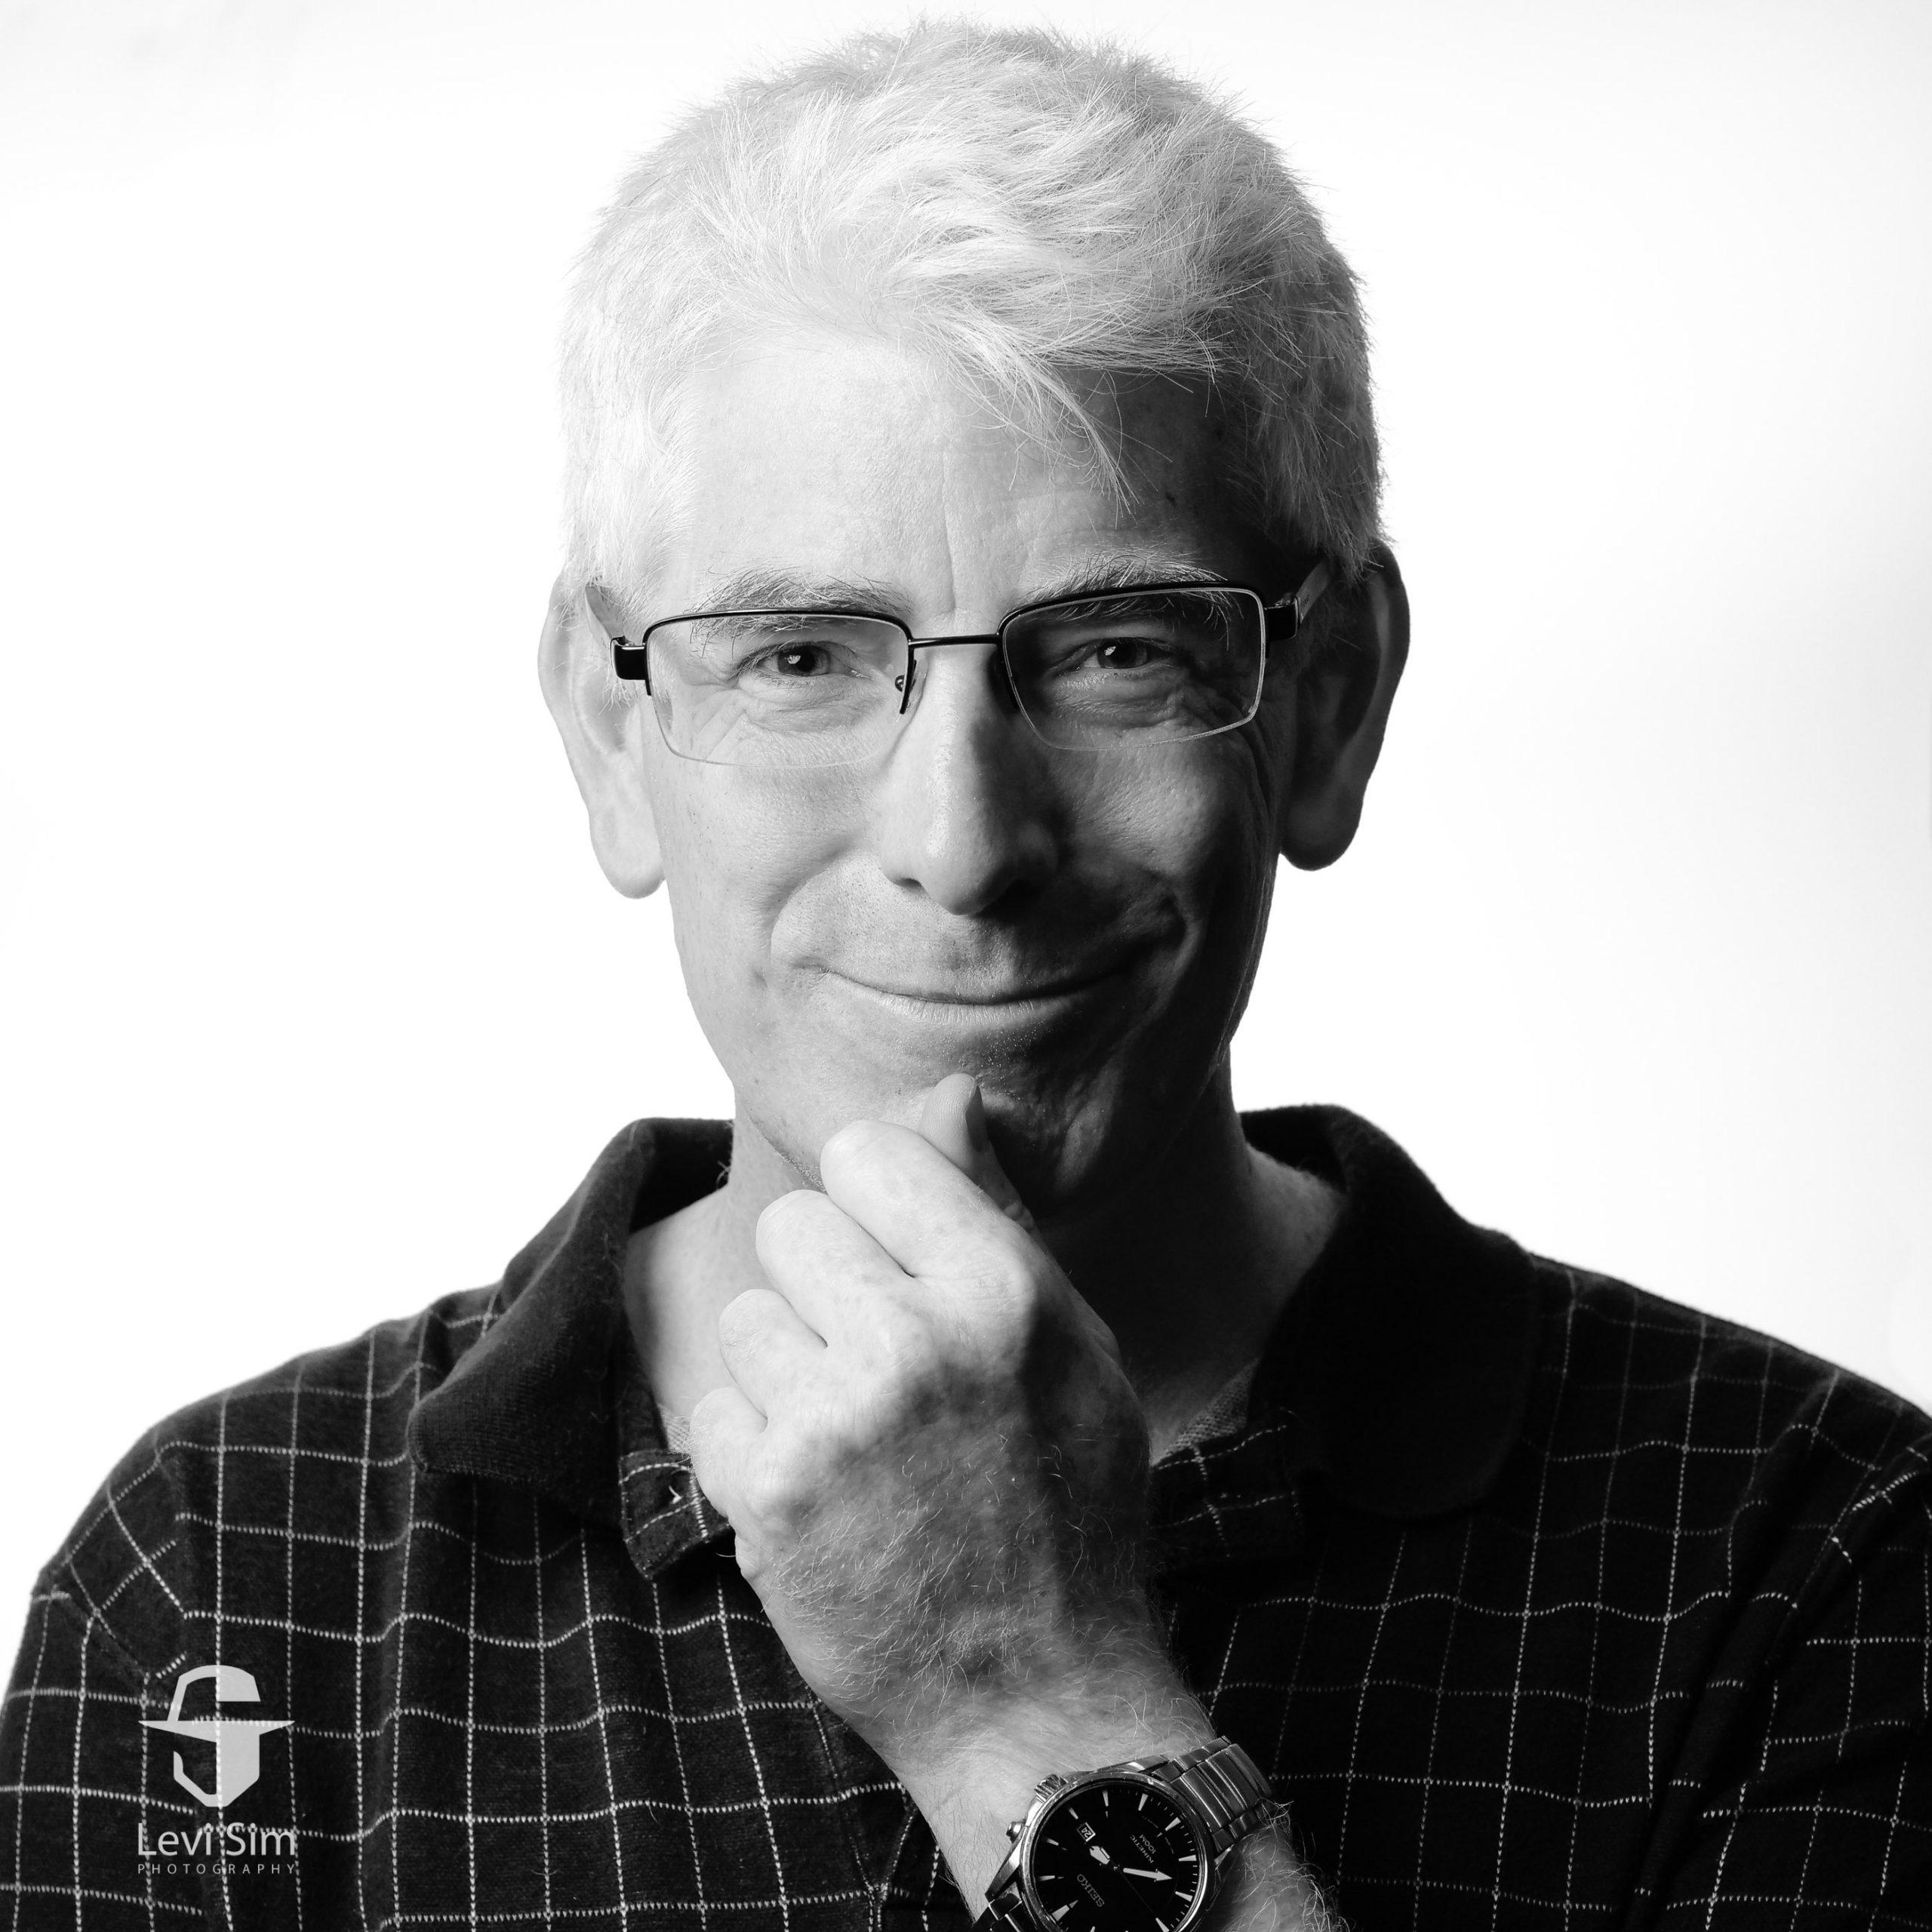 Levi Sim Steve Jobs Portrait Project Out Of Chicago 2017-63